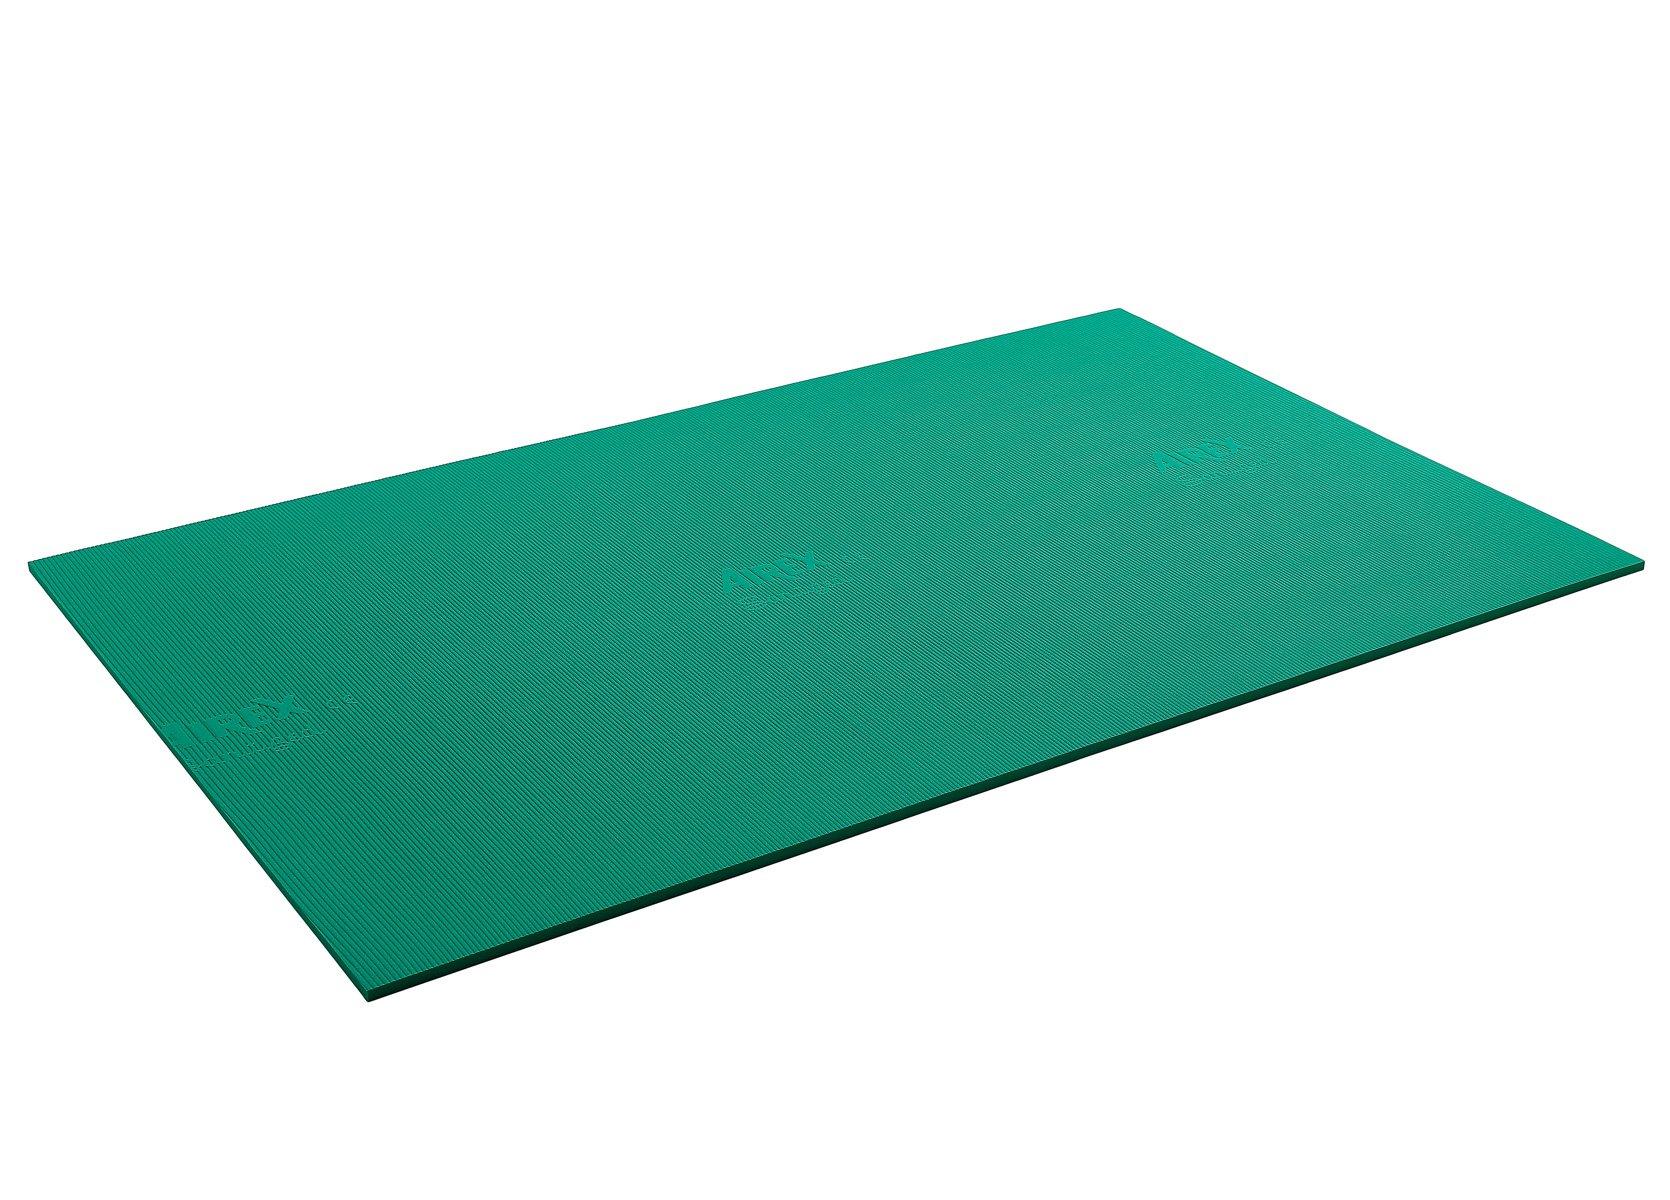 Airex 32-1234G Exercise Mat, Atlas, 78'' x 48'' x 0.63'', Green